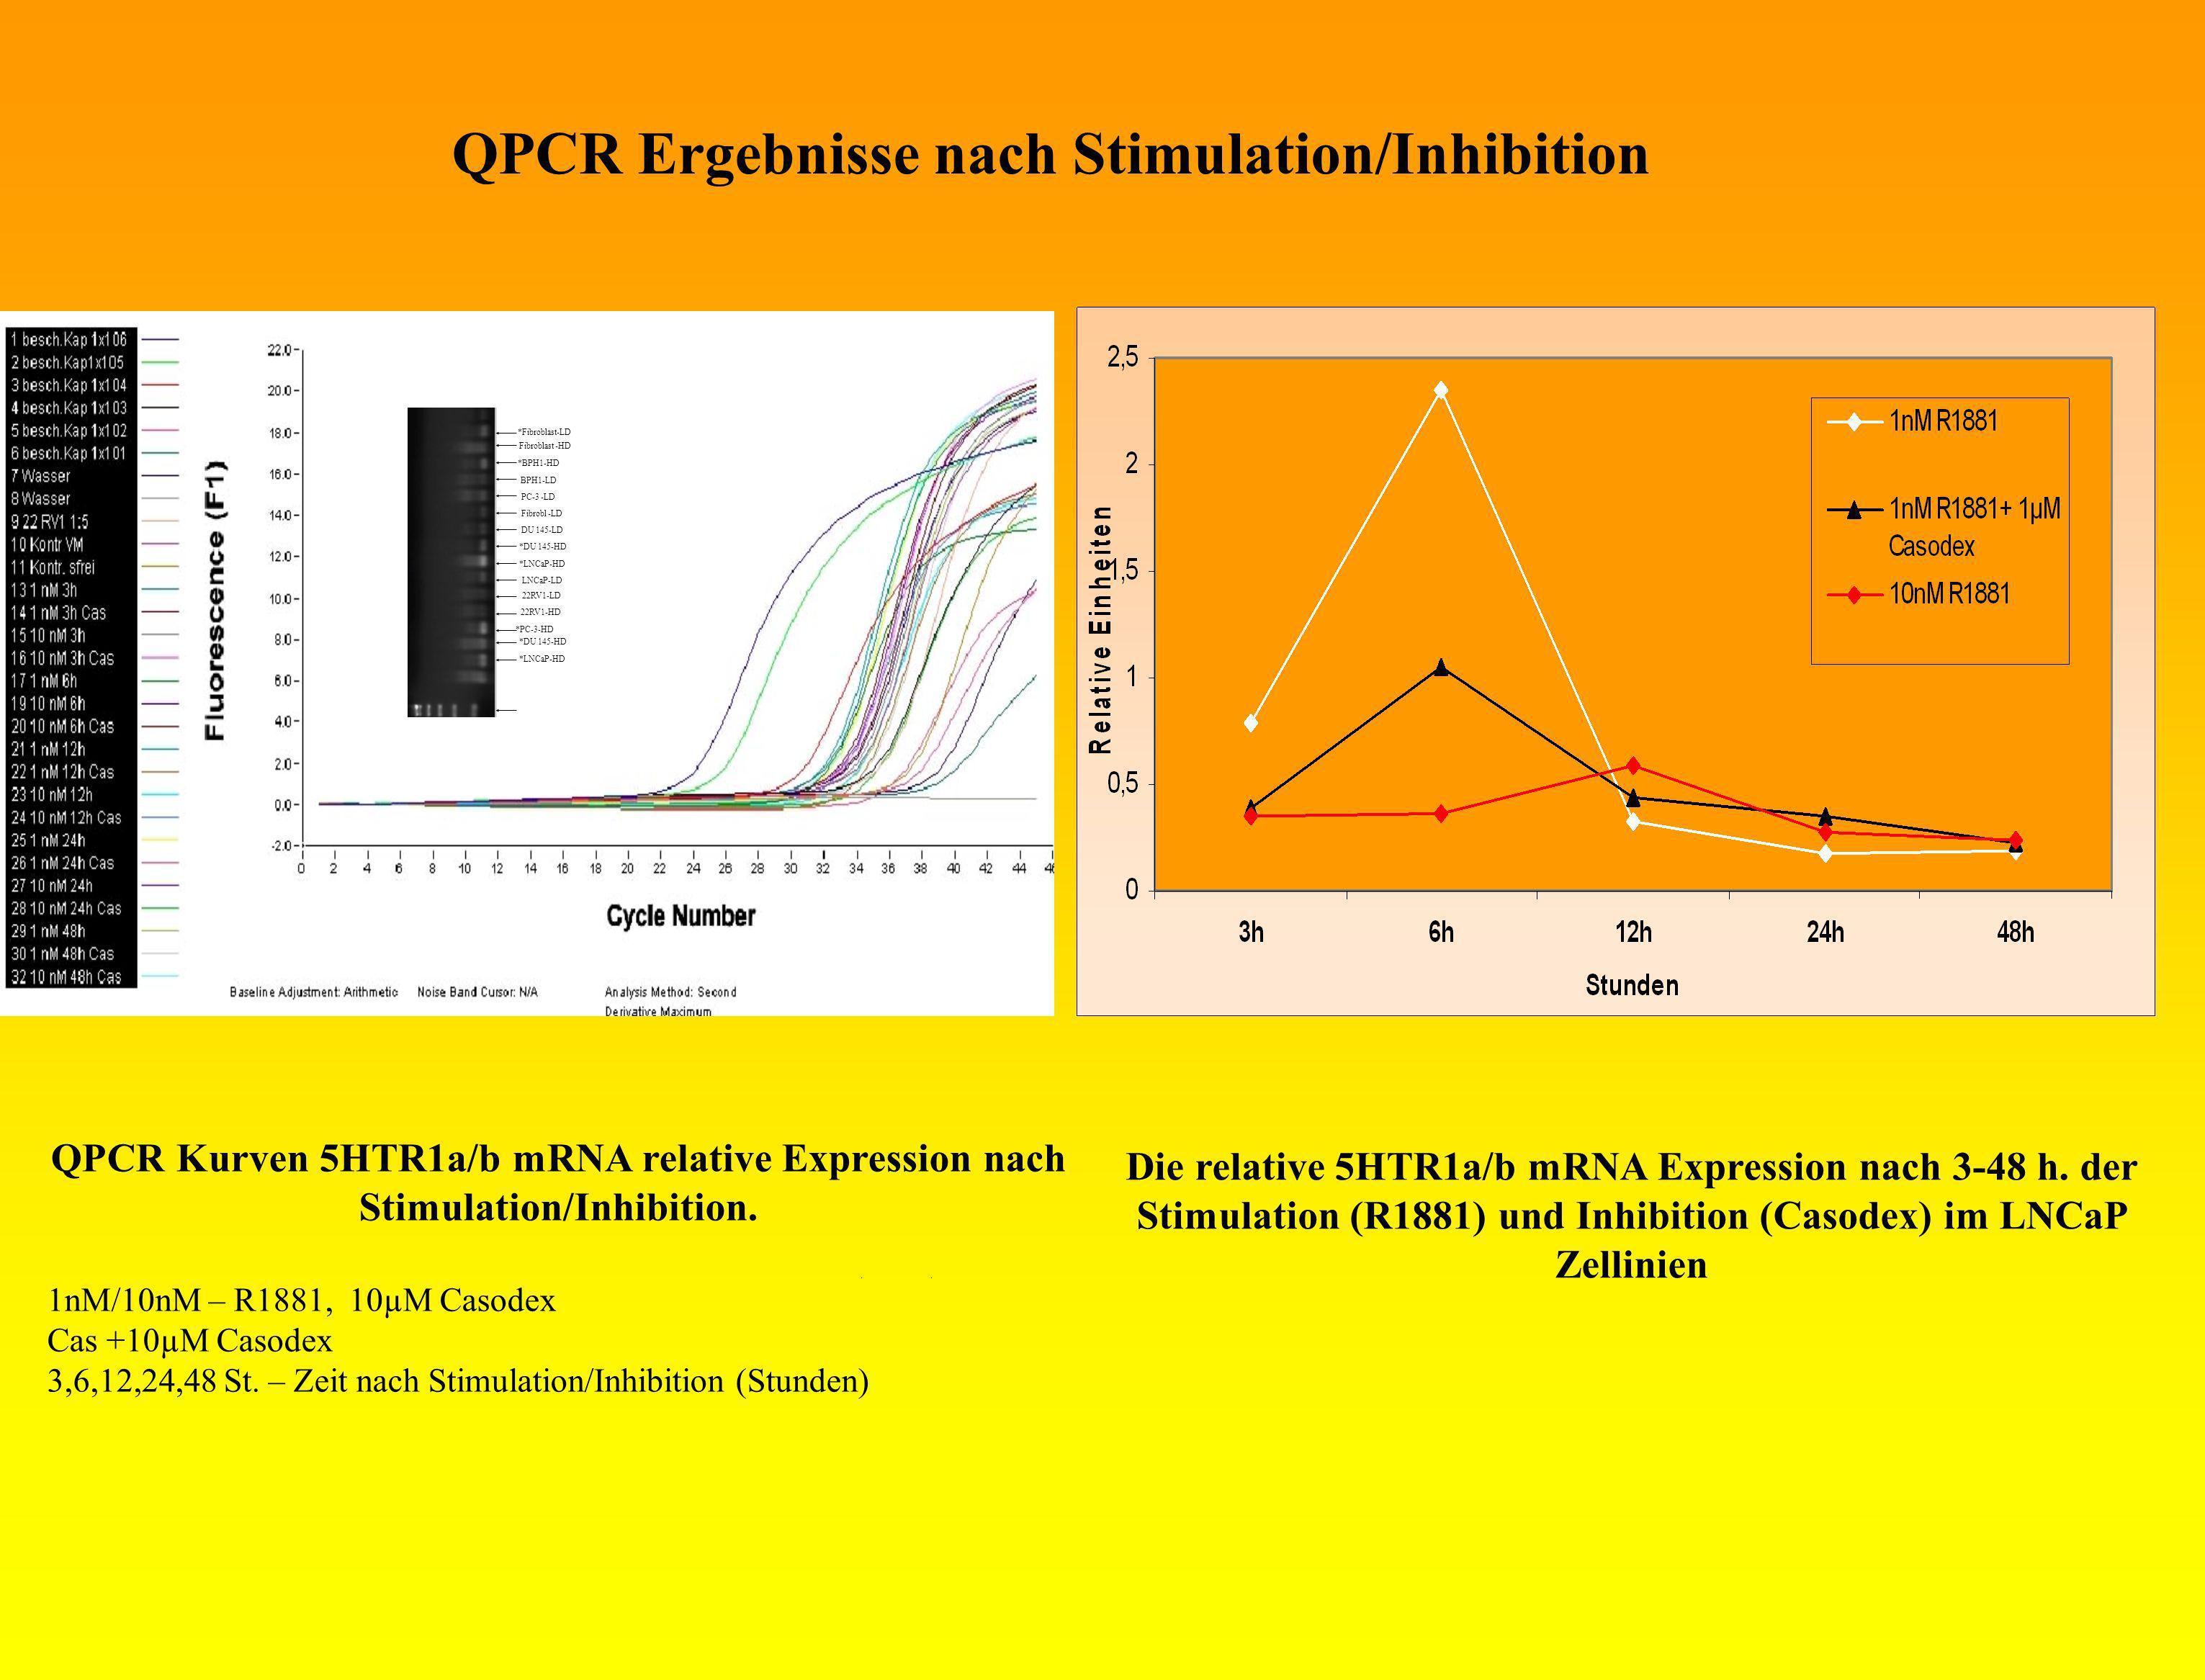 QPCR Ergebnisse nach Stimulation/Inhibition